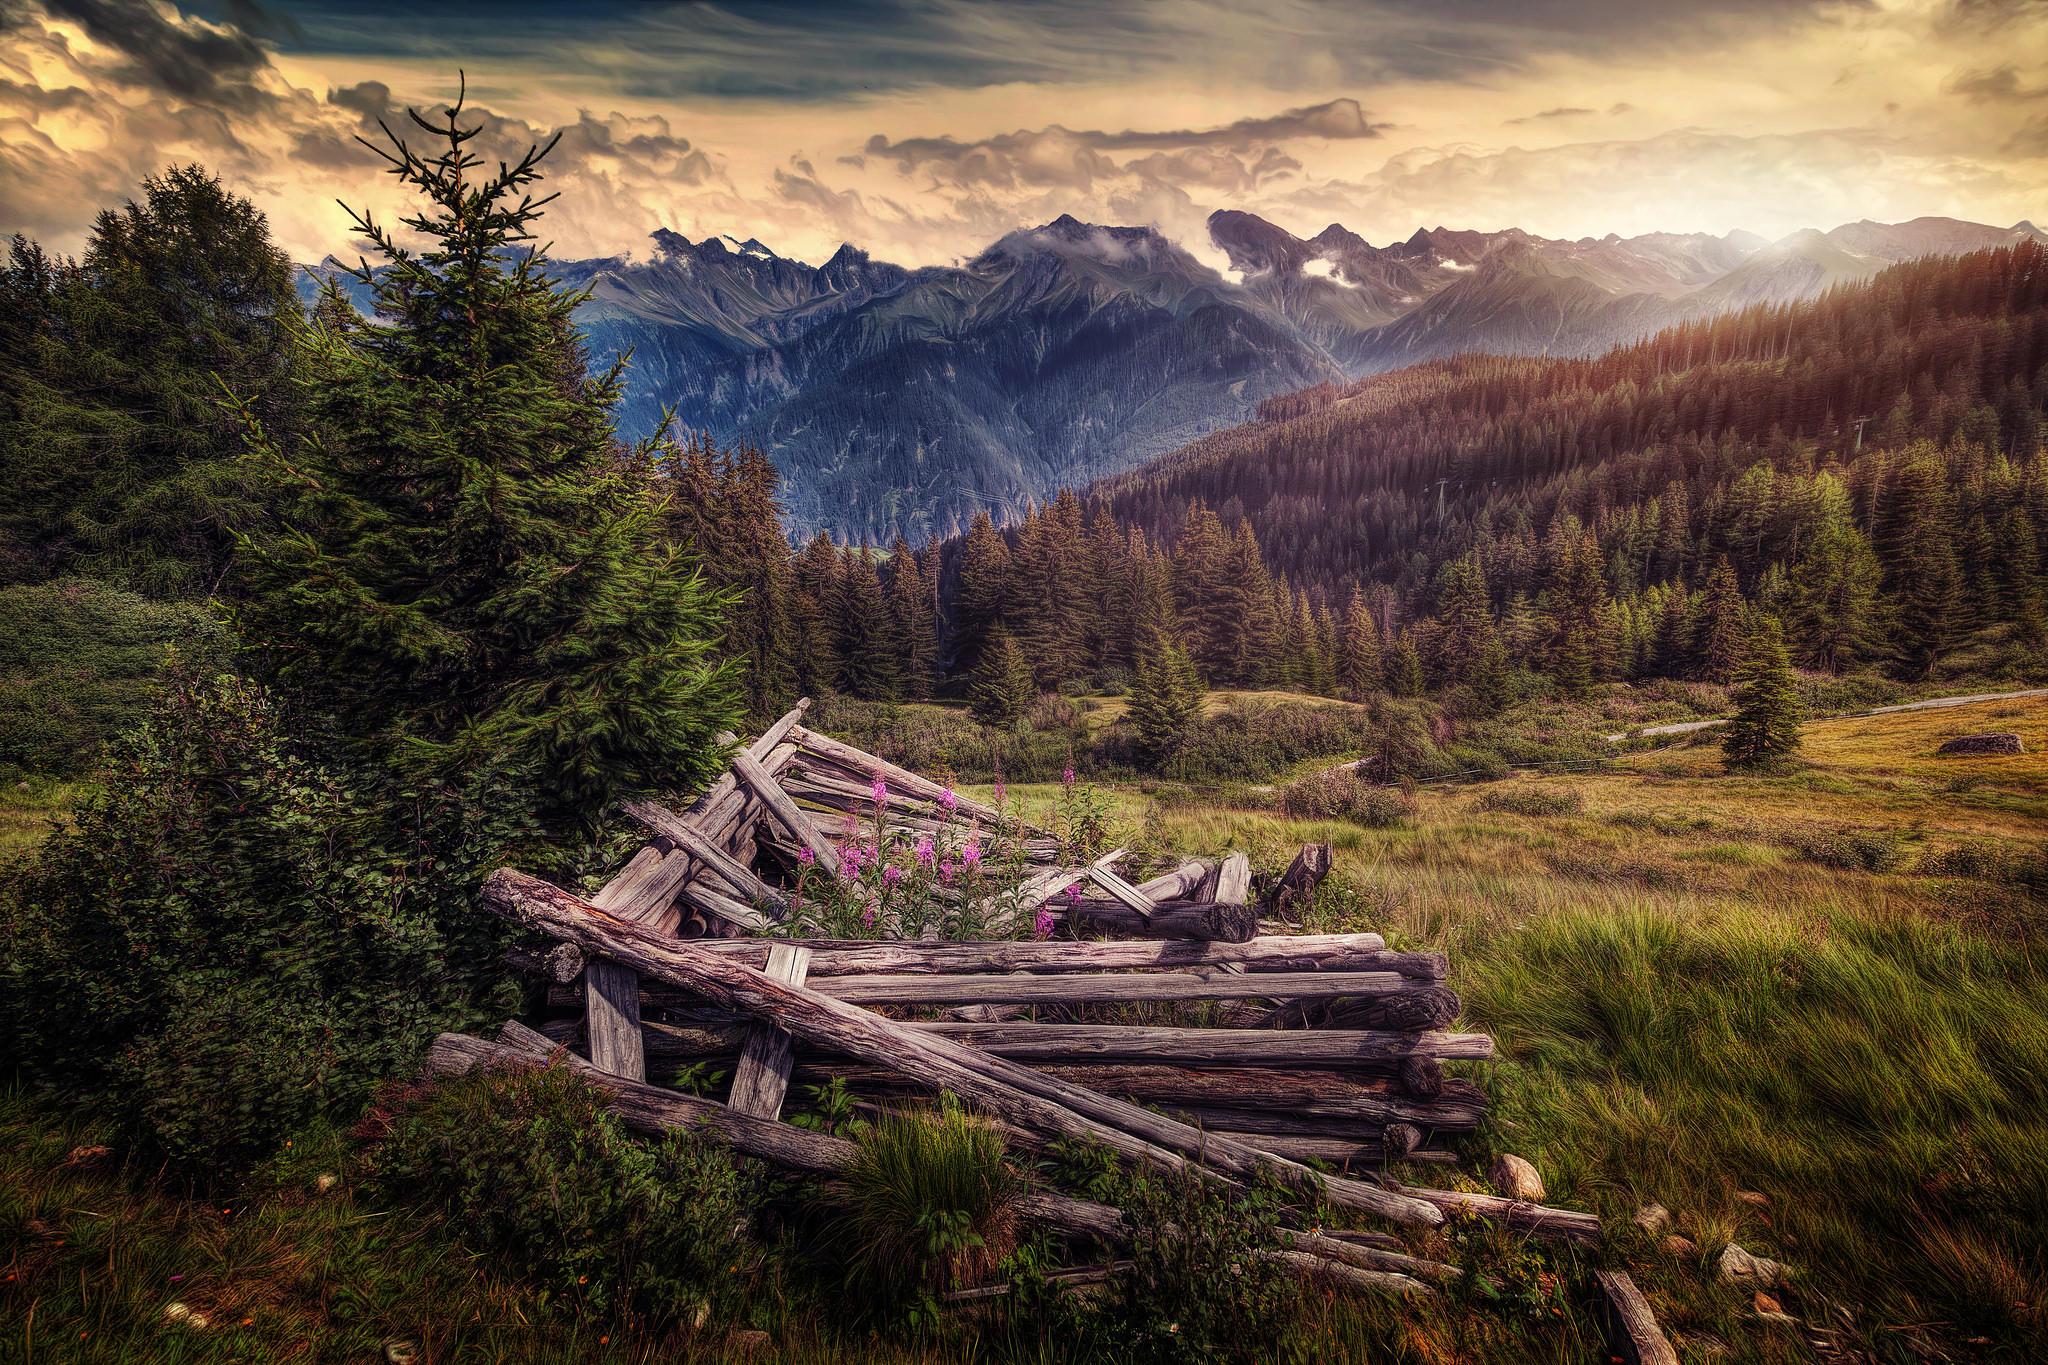 закат, горы, холмы, деревья, брёвна, небо, пейзаж